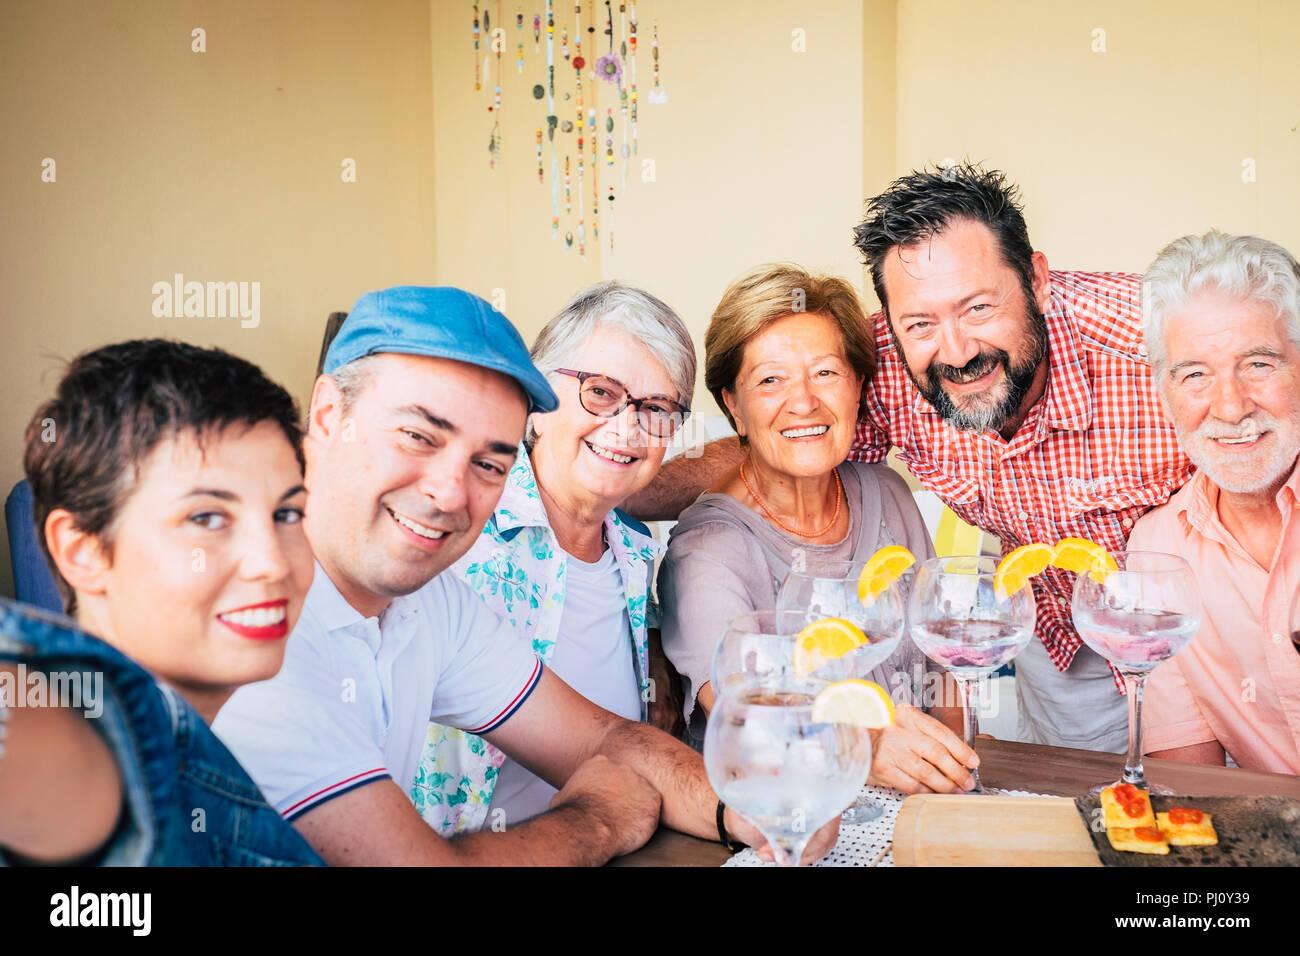 Portrait selfies prise avec téléphone. groupe de personnes âges mixex joyeux apprécié tous ensemble célébrer à la table avec des cocktails et de la nourriture. sourire les peo Photo Stock